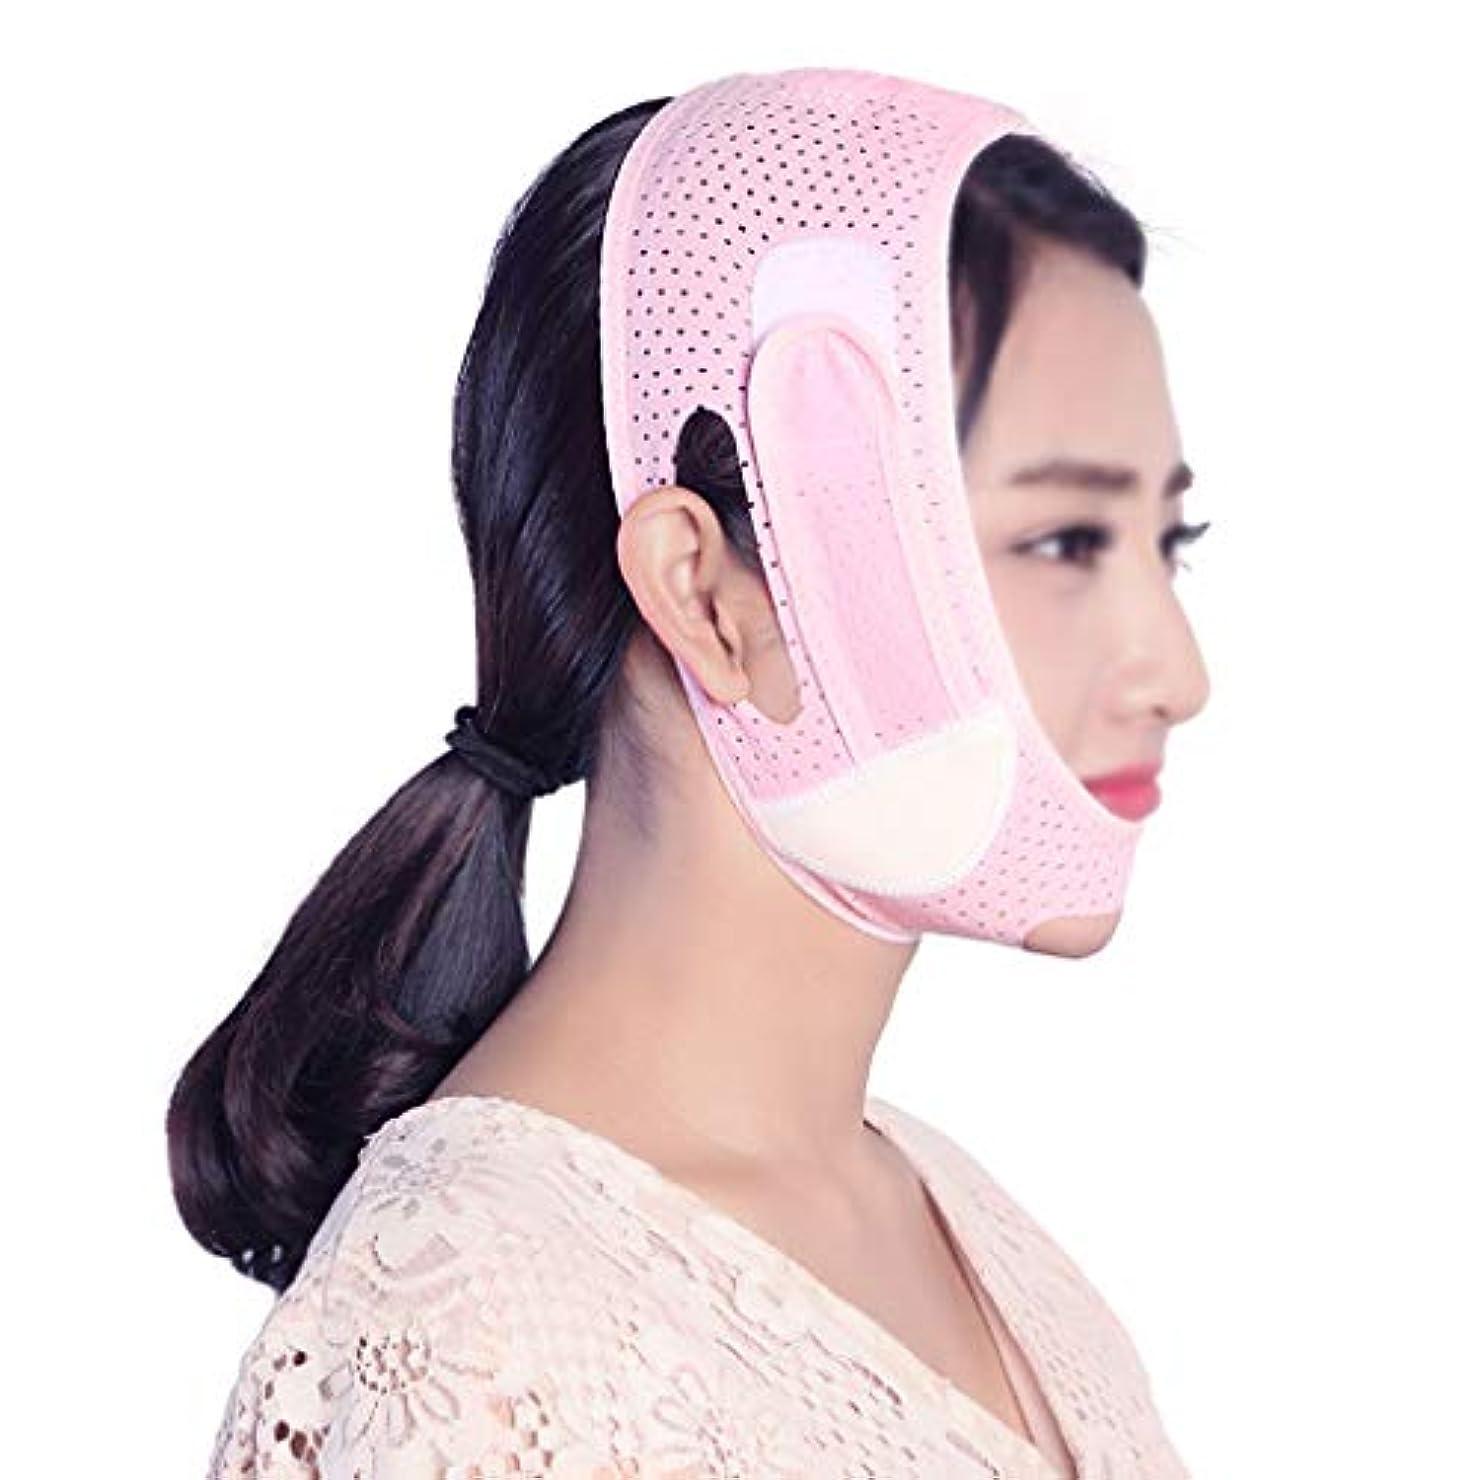 うぬぼれストレージバーターGLJJQMY スリムな包帯フェイシャルトリートメント強化フェイシャルチークV型アンチリンクルダブルチンビューティツール 顔用整形マスク